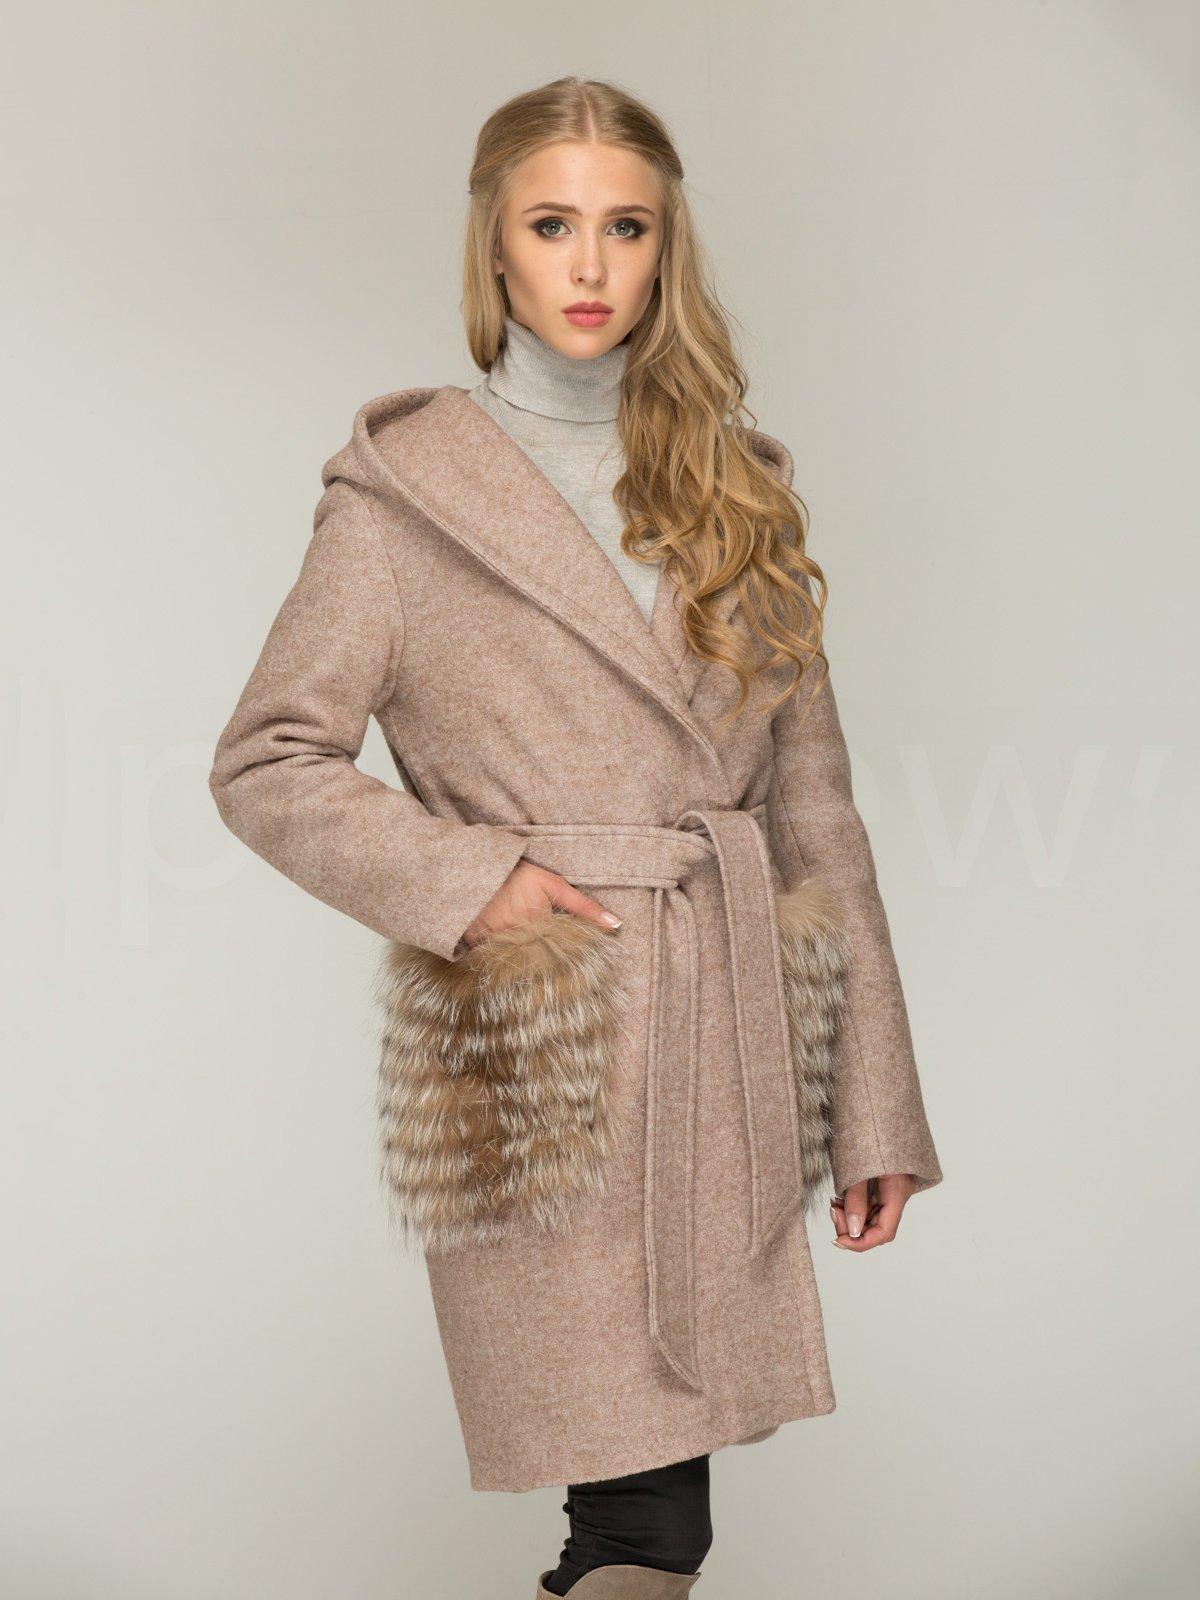 Пальто кольору капучино | 3566472 | фото 2